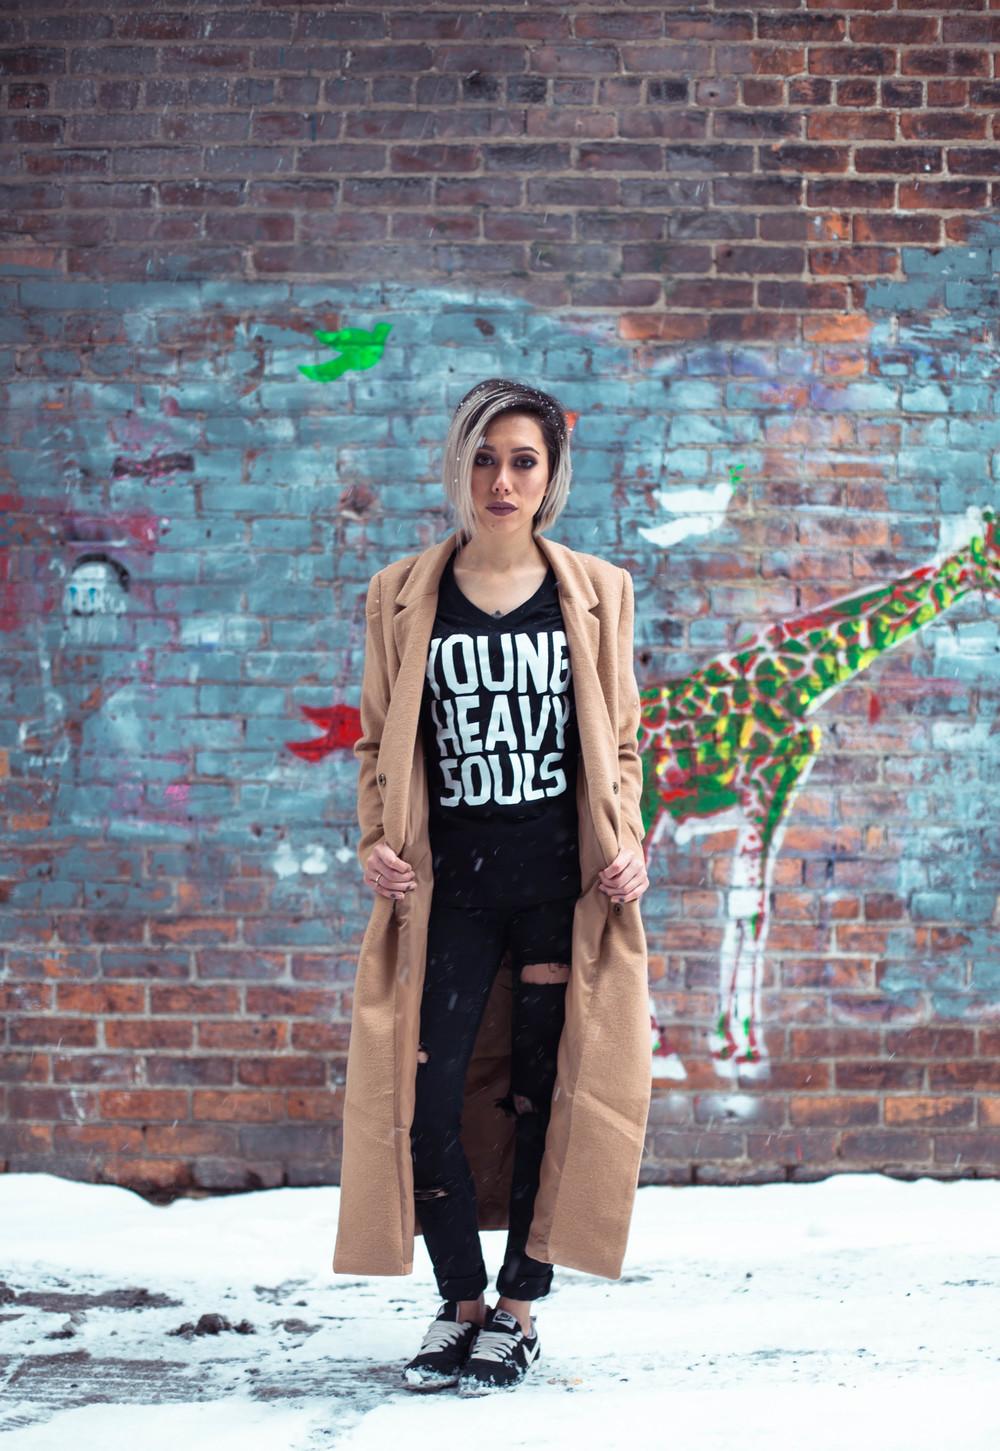 yhs_look_downtown_detroit_06.jpg